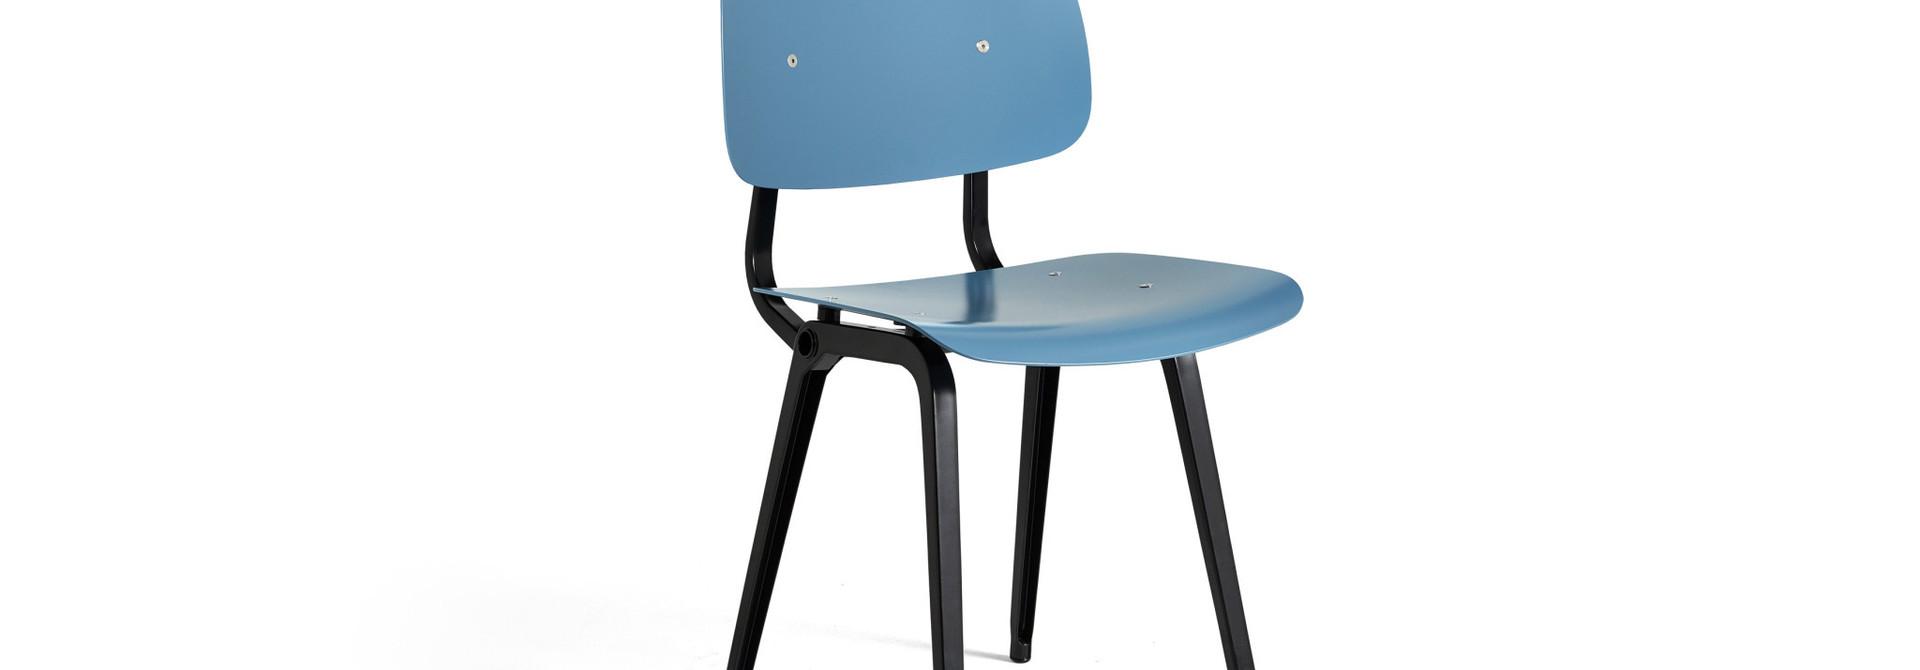 Revolt chair